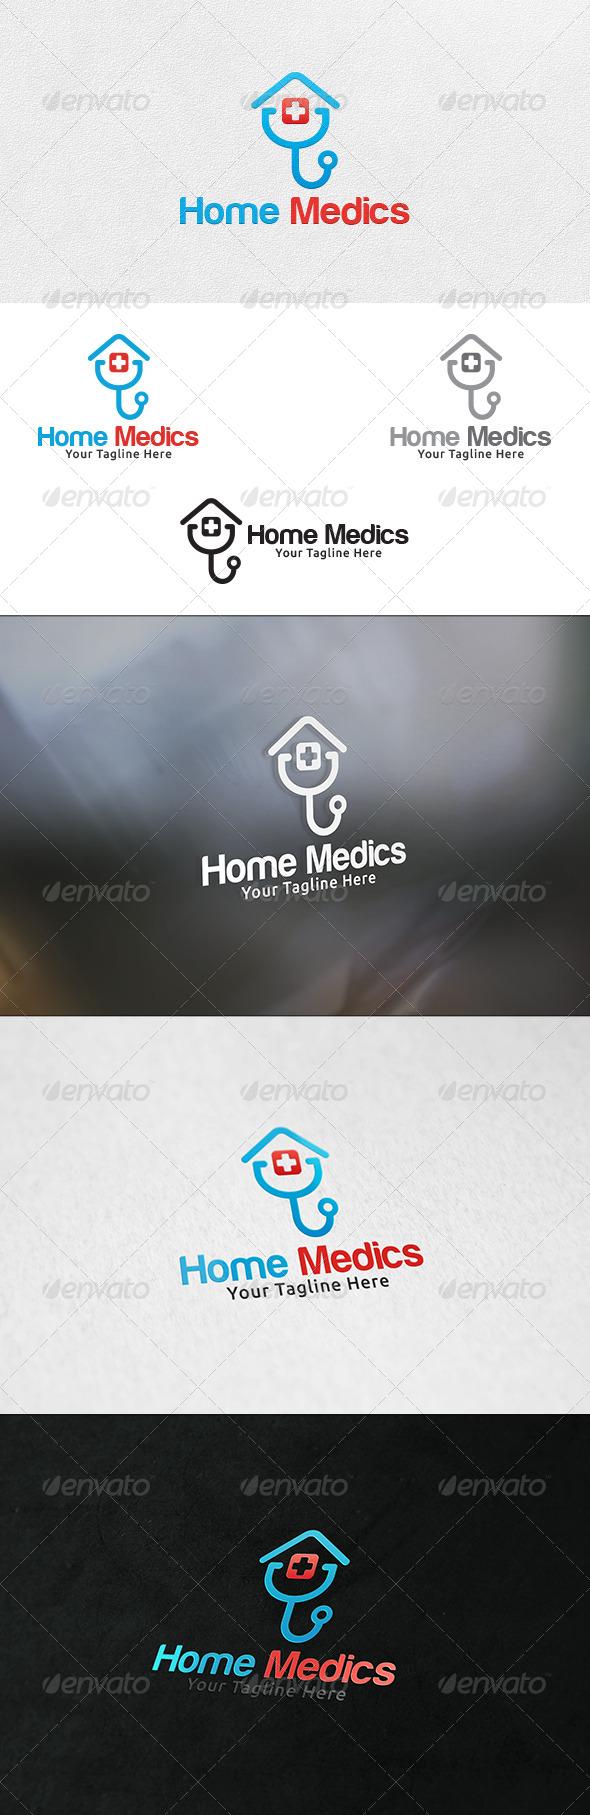 GraphicRiver Home Medics Logo Template 7141657